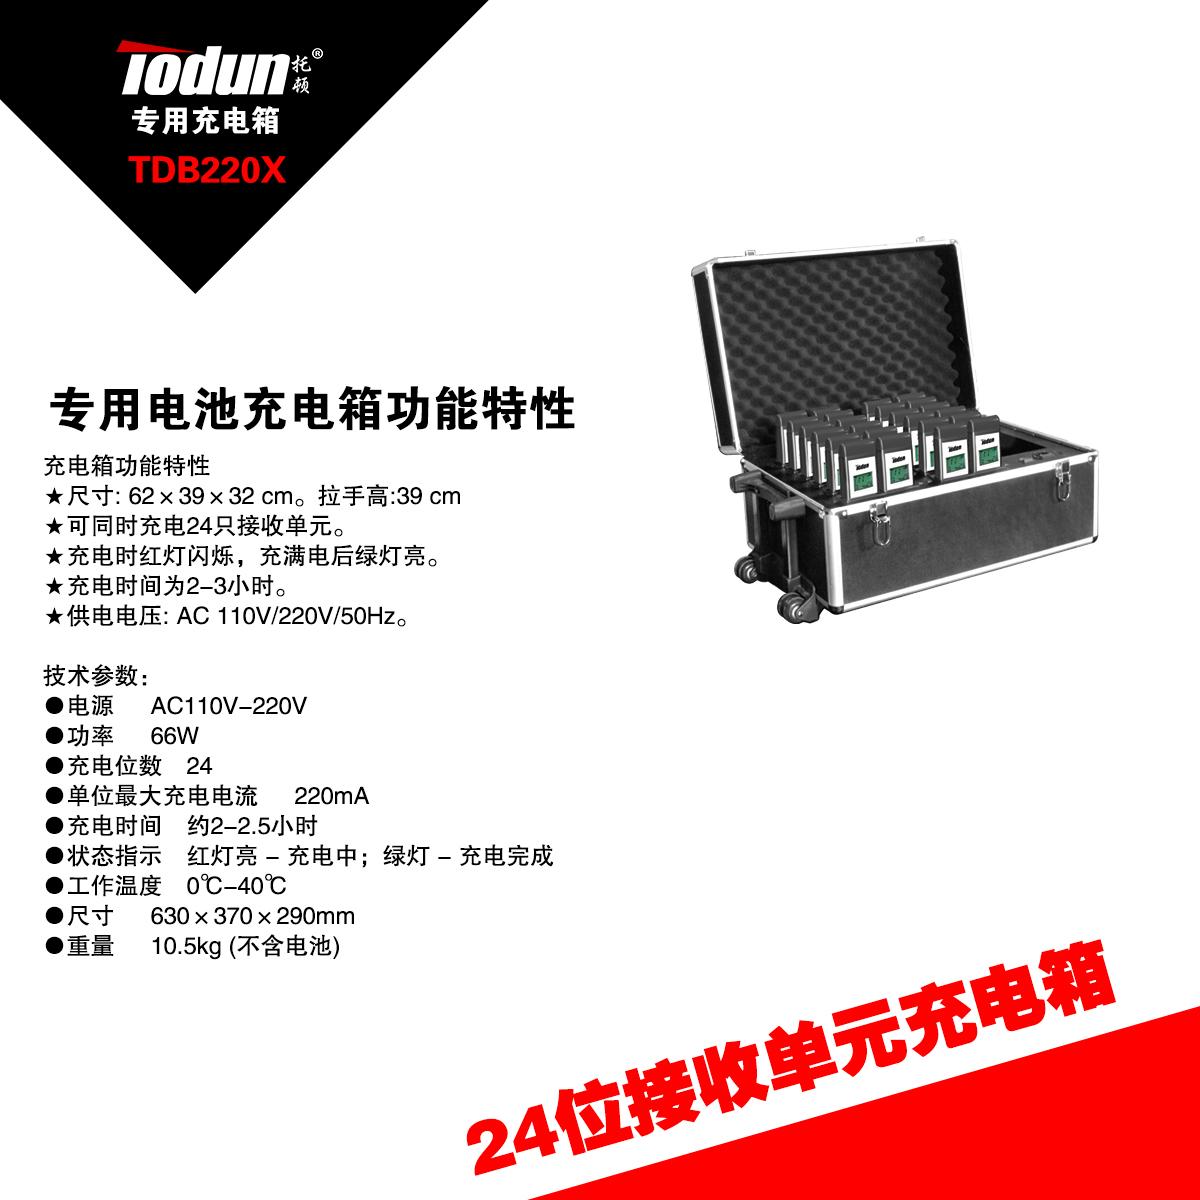 同声传译系统 24位接收单元充电箱TDB220X 高级国际会议 多国家语言会议